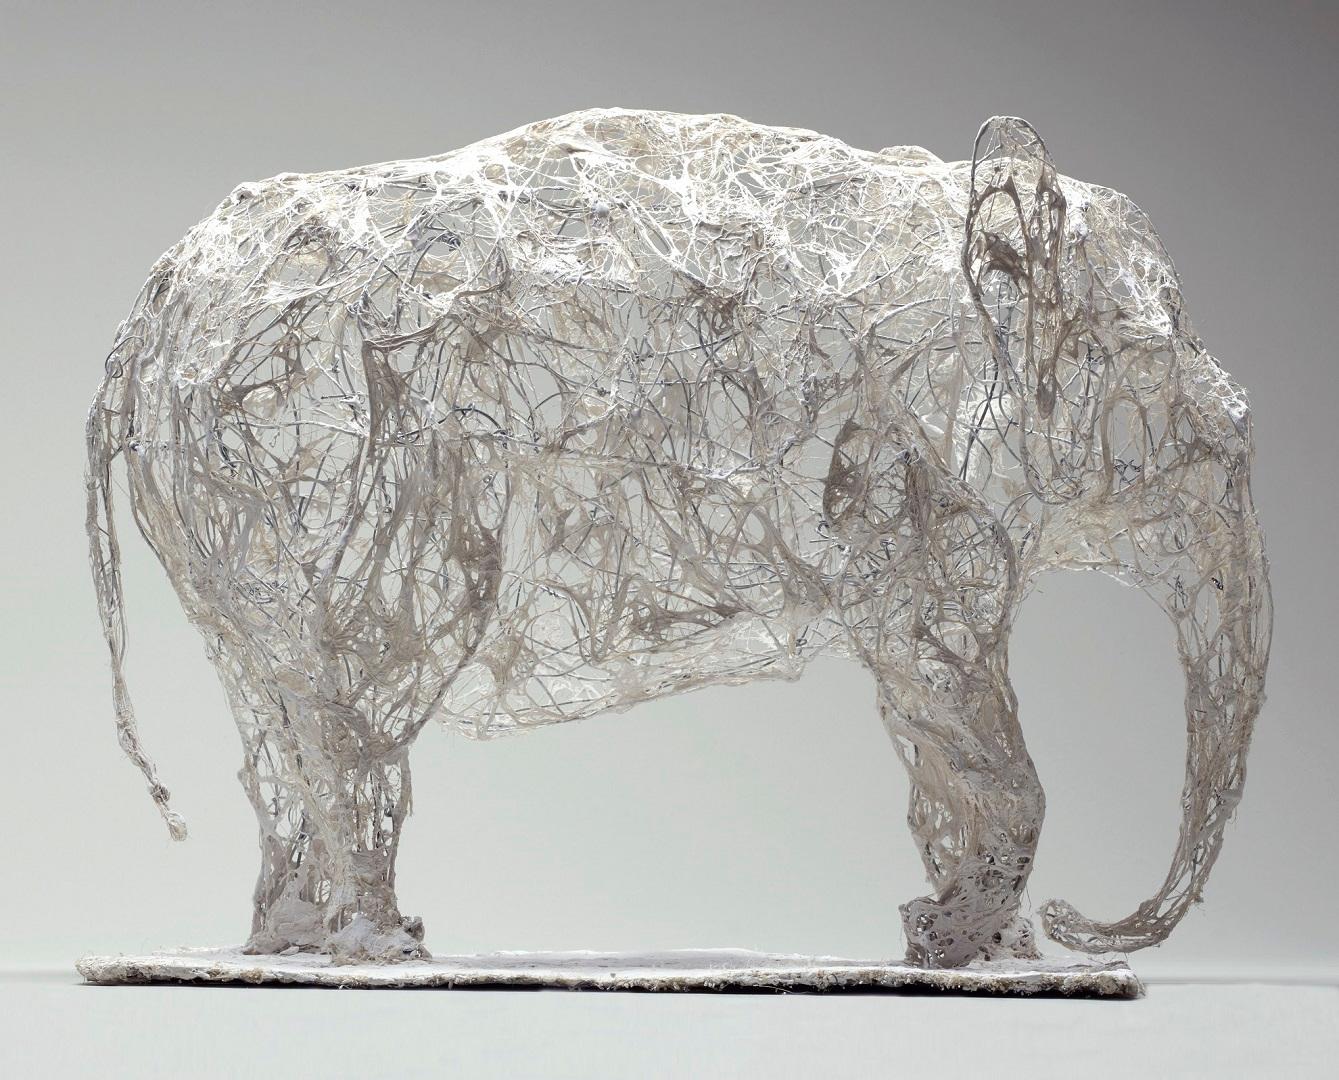 Eléphant, 52 x 22 x 43 cm, fil de fer, plâtre, filasse, 2014. Nathalie Garidou